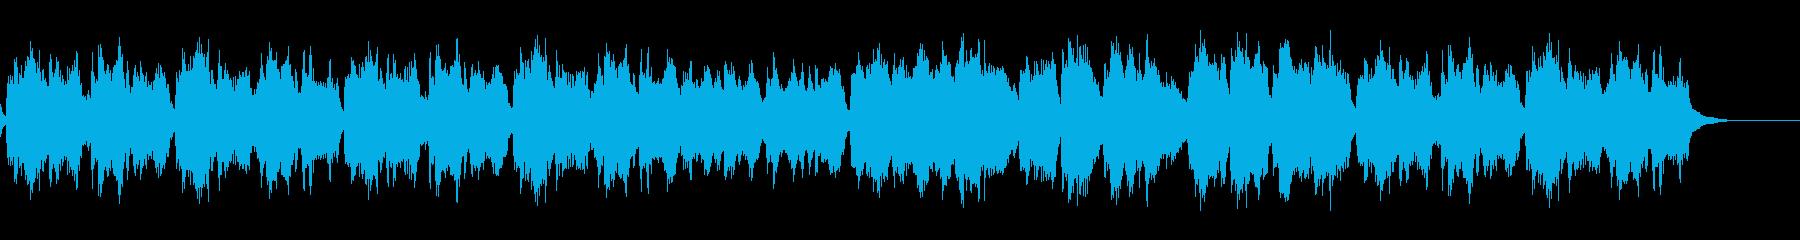 教育コンテンツ向け_04の再生済みの波形